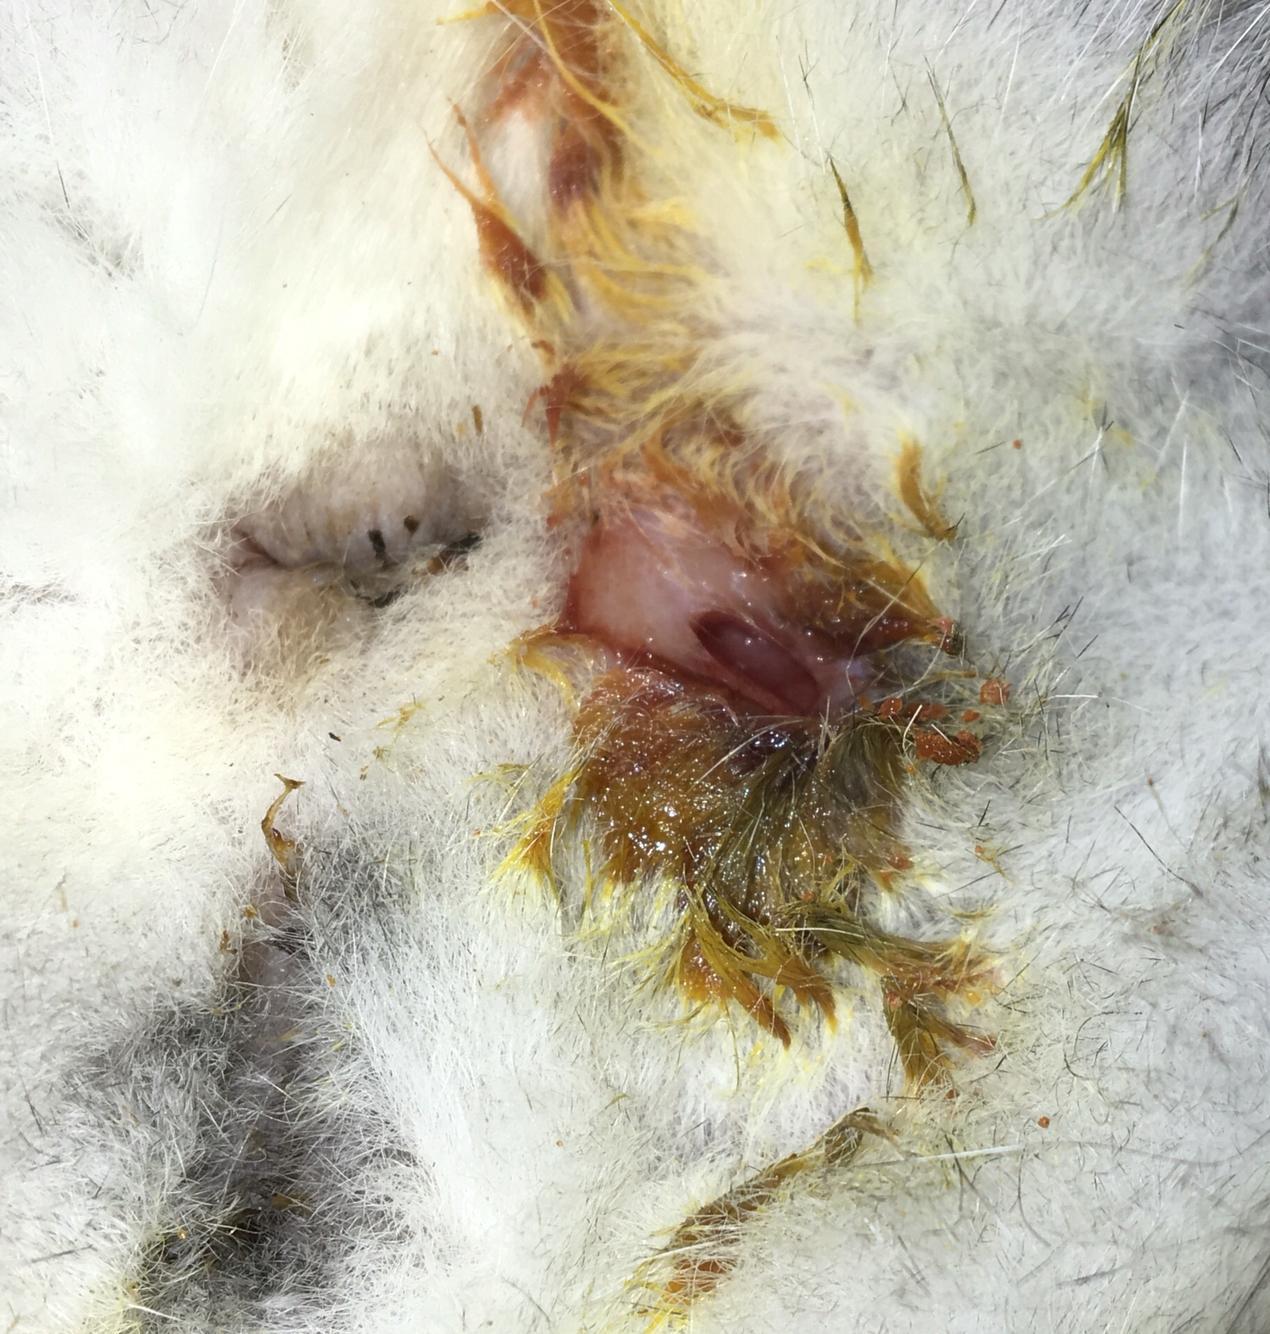 猫咪肛门腺发炎 肛门右侧有个洞,还出血